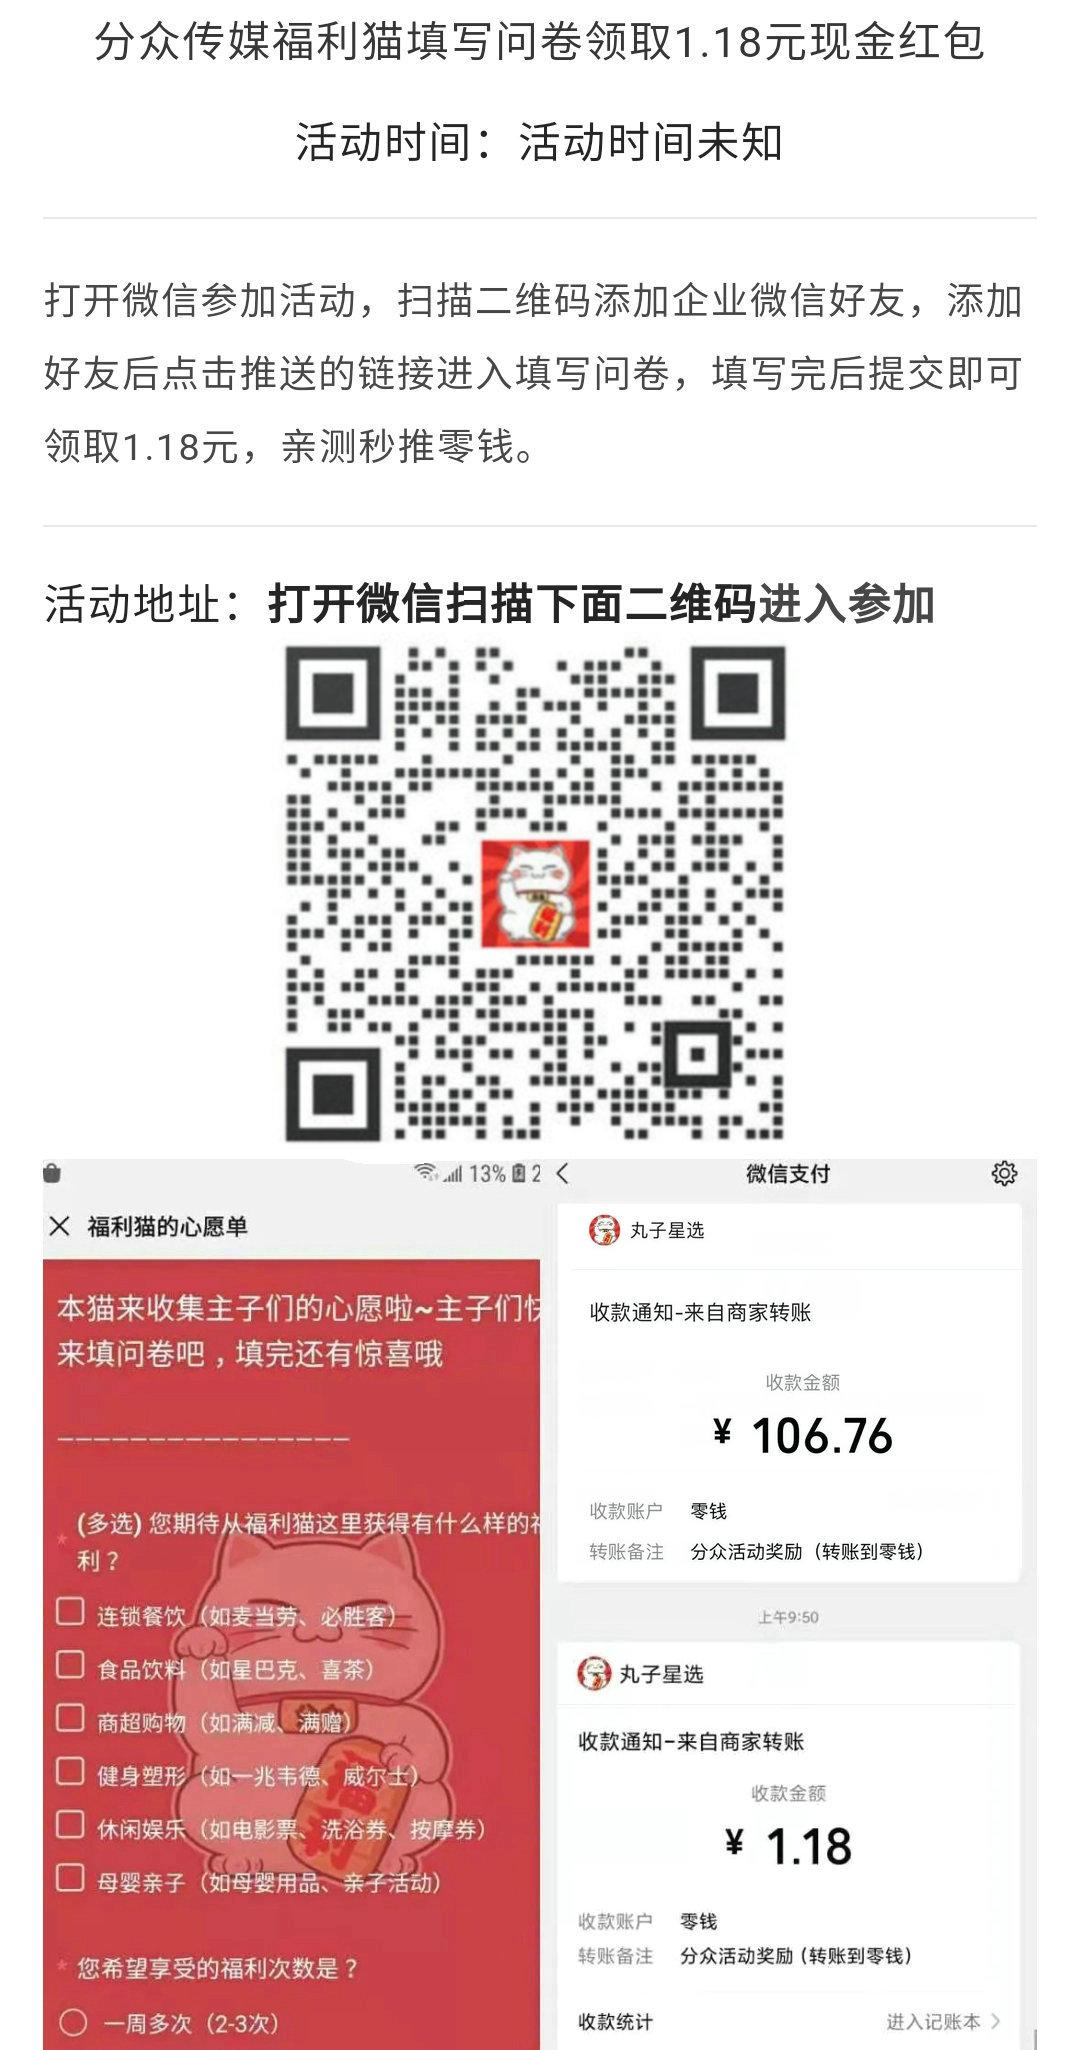 分众福利猫扫码加企业微信免费领1.18-236元微信红